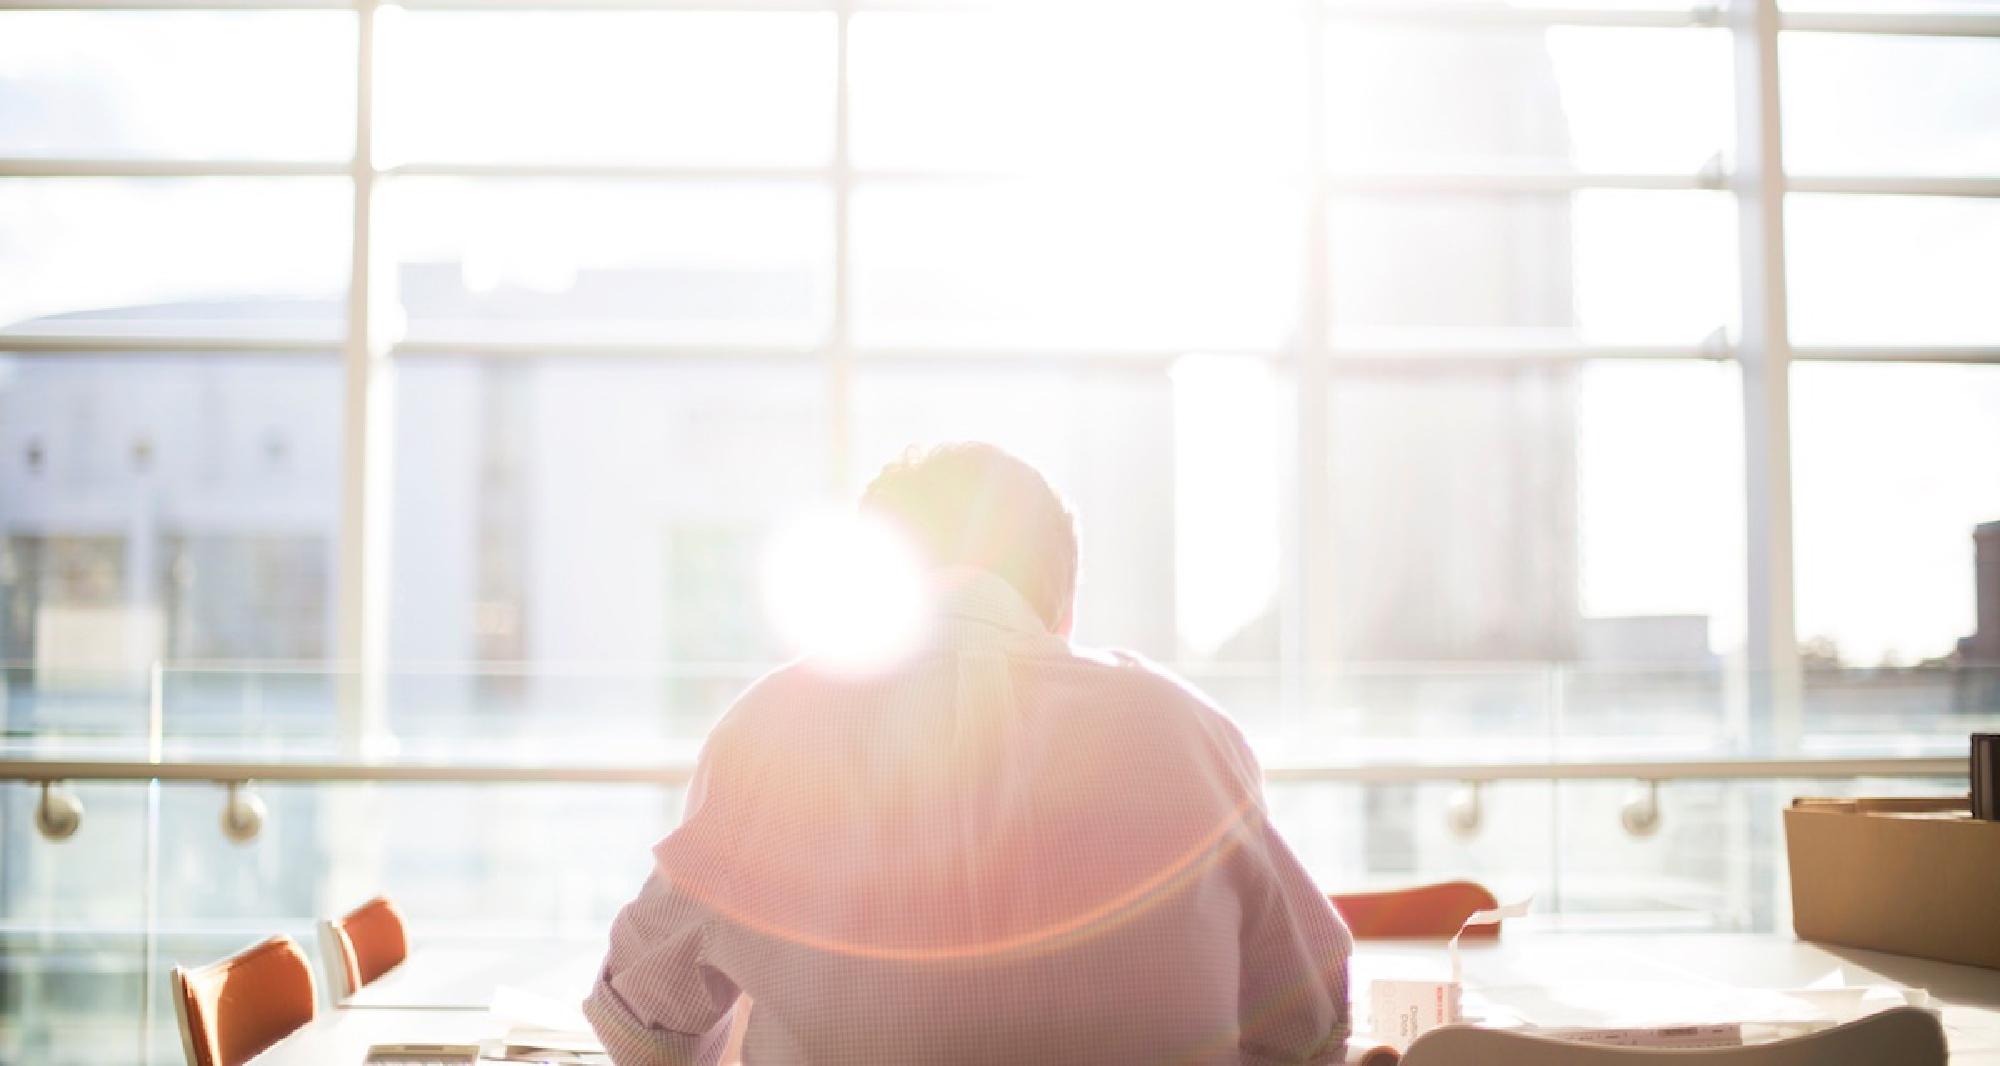 Comment élaborer la vision stratégique de votre entreprise ?